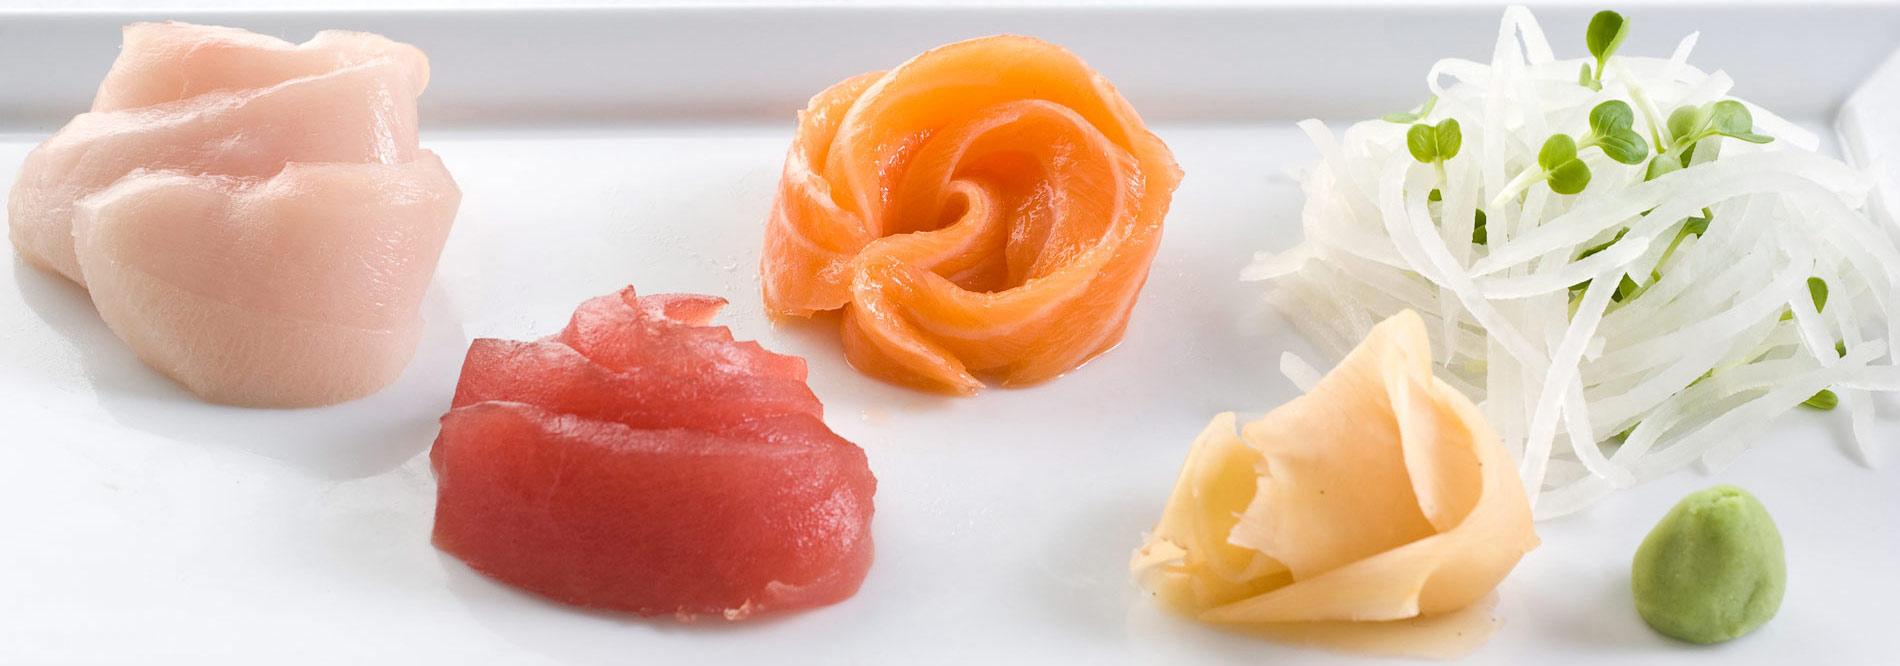 yellowtail sashimi preparation